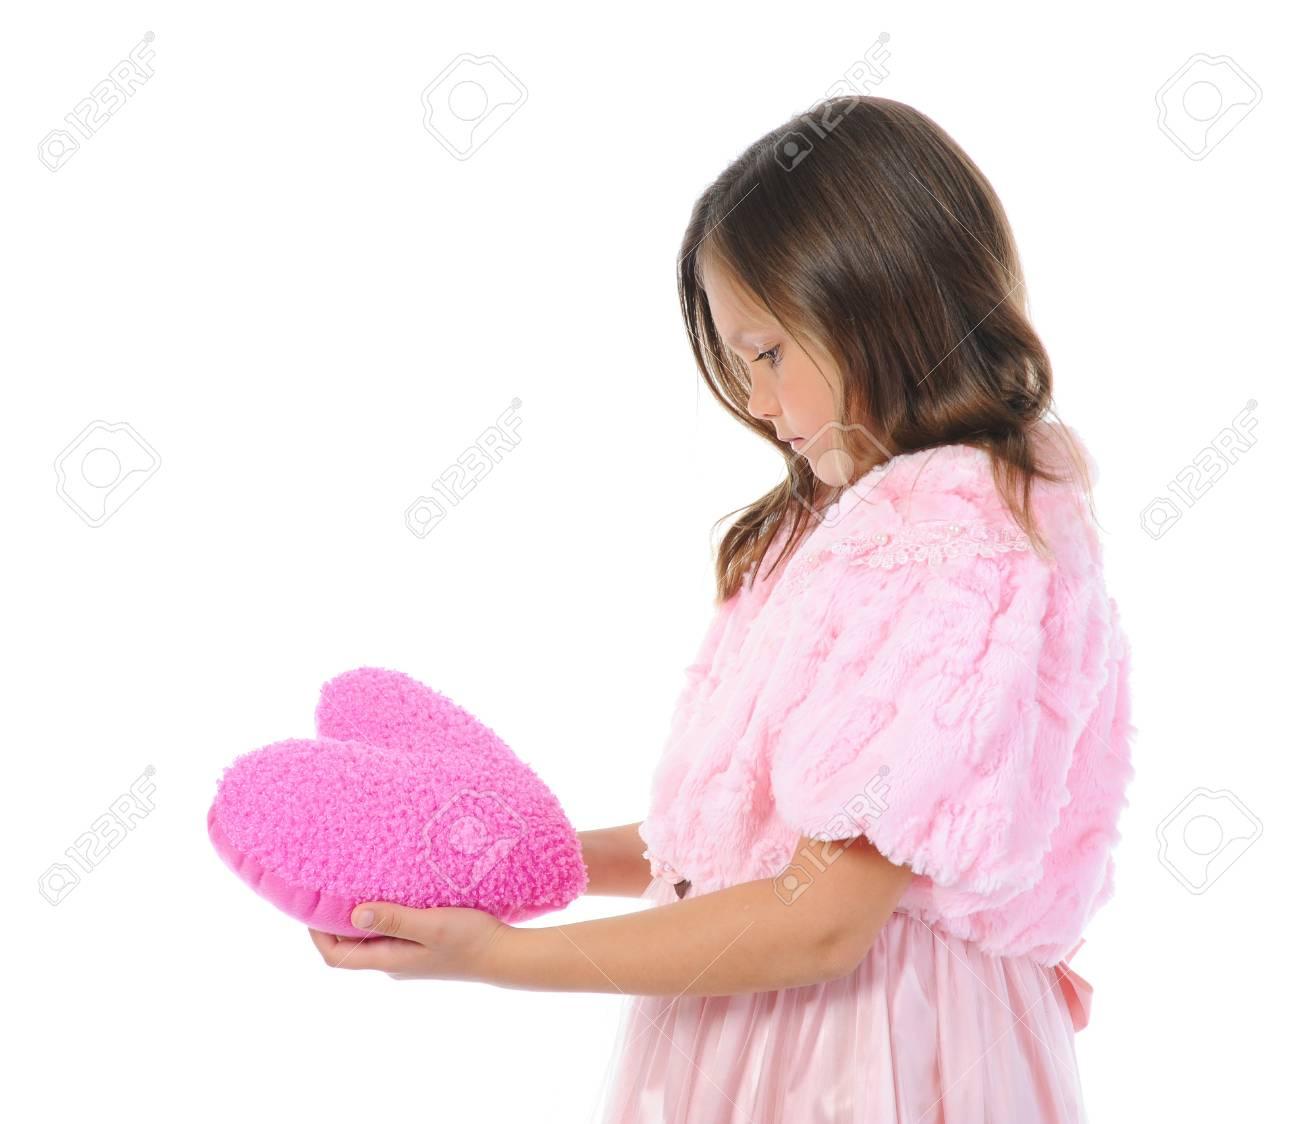 Little girl holding heart Stock Photo - 9952045